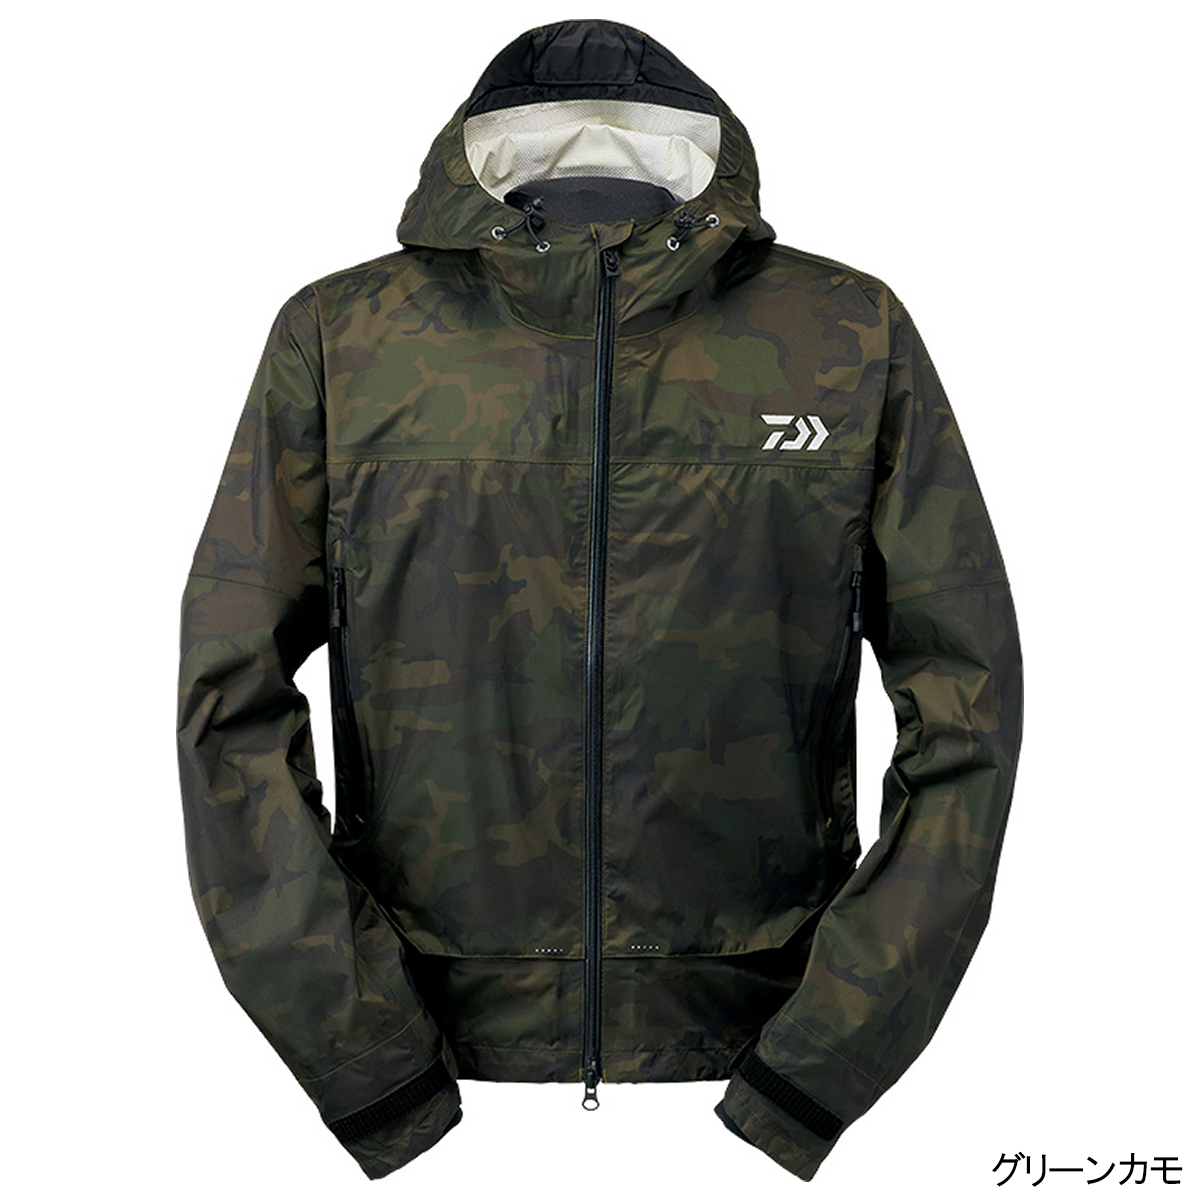 ダイワ レインマックス ショートレインジャケット DR-39009J XL グリーンカモ(東日本店)